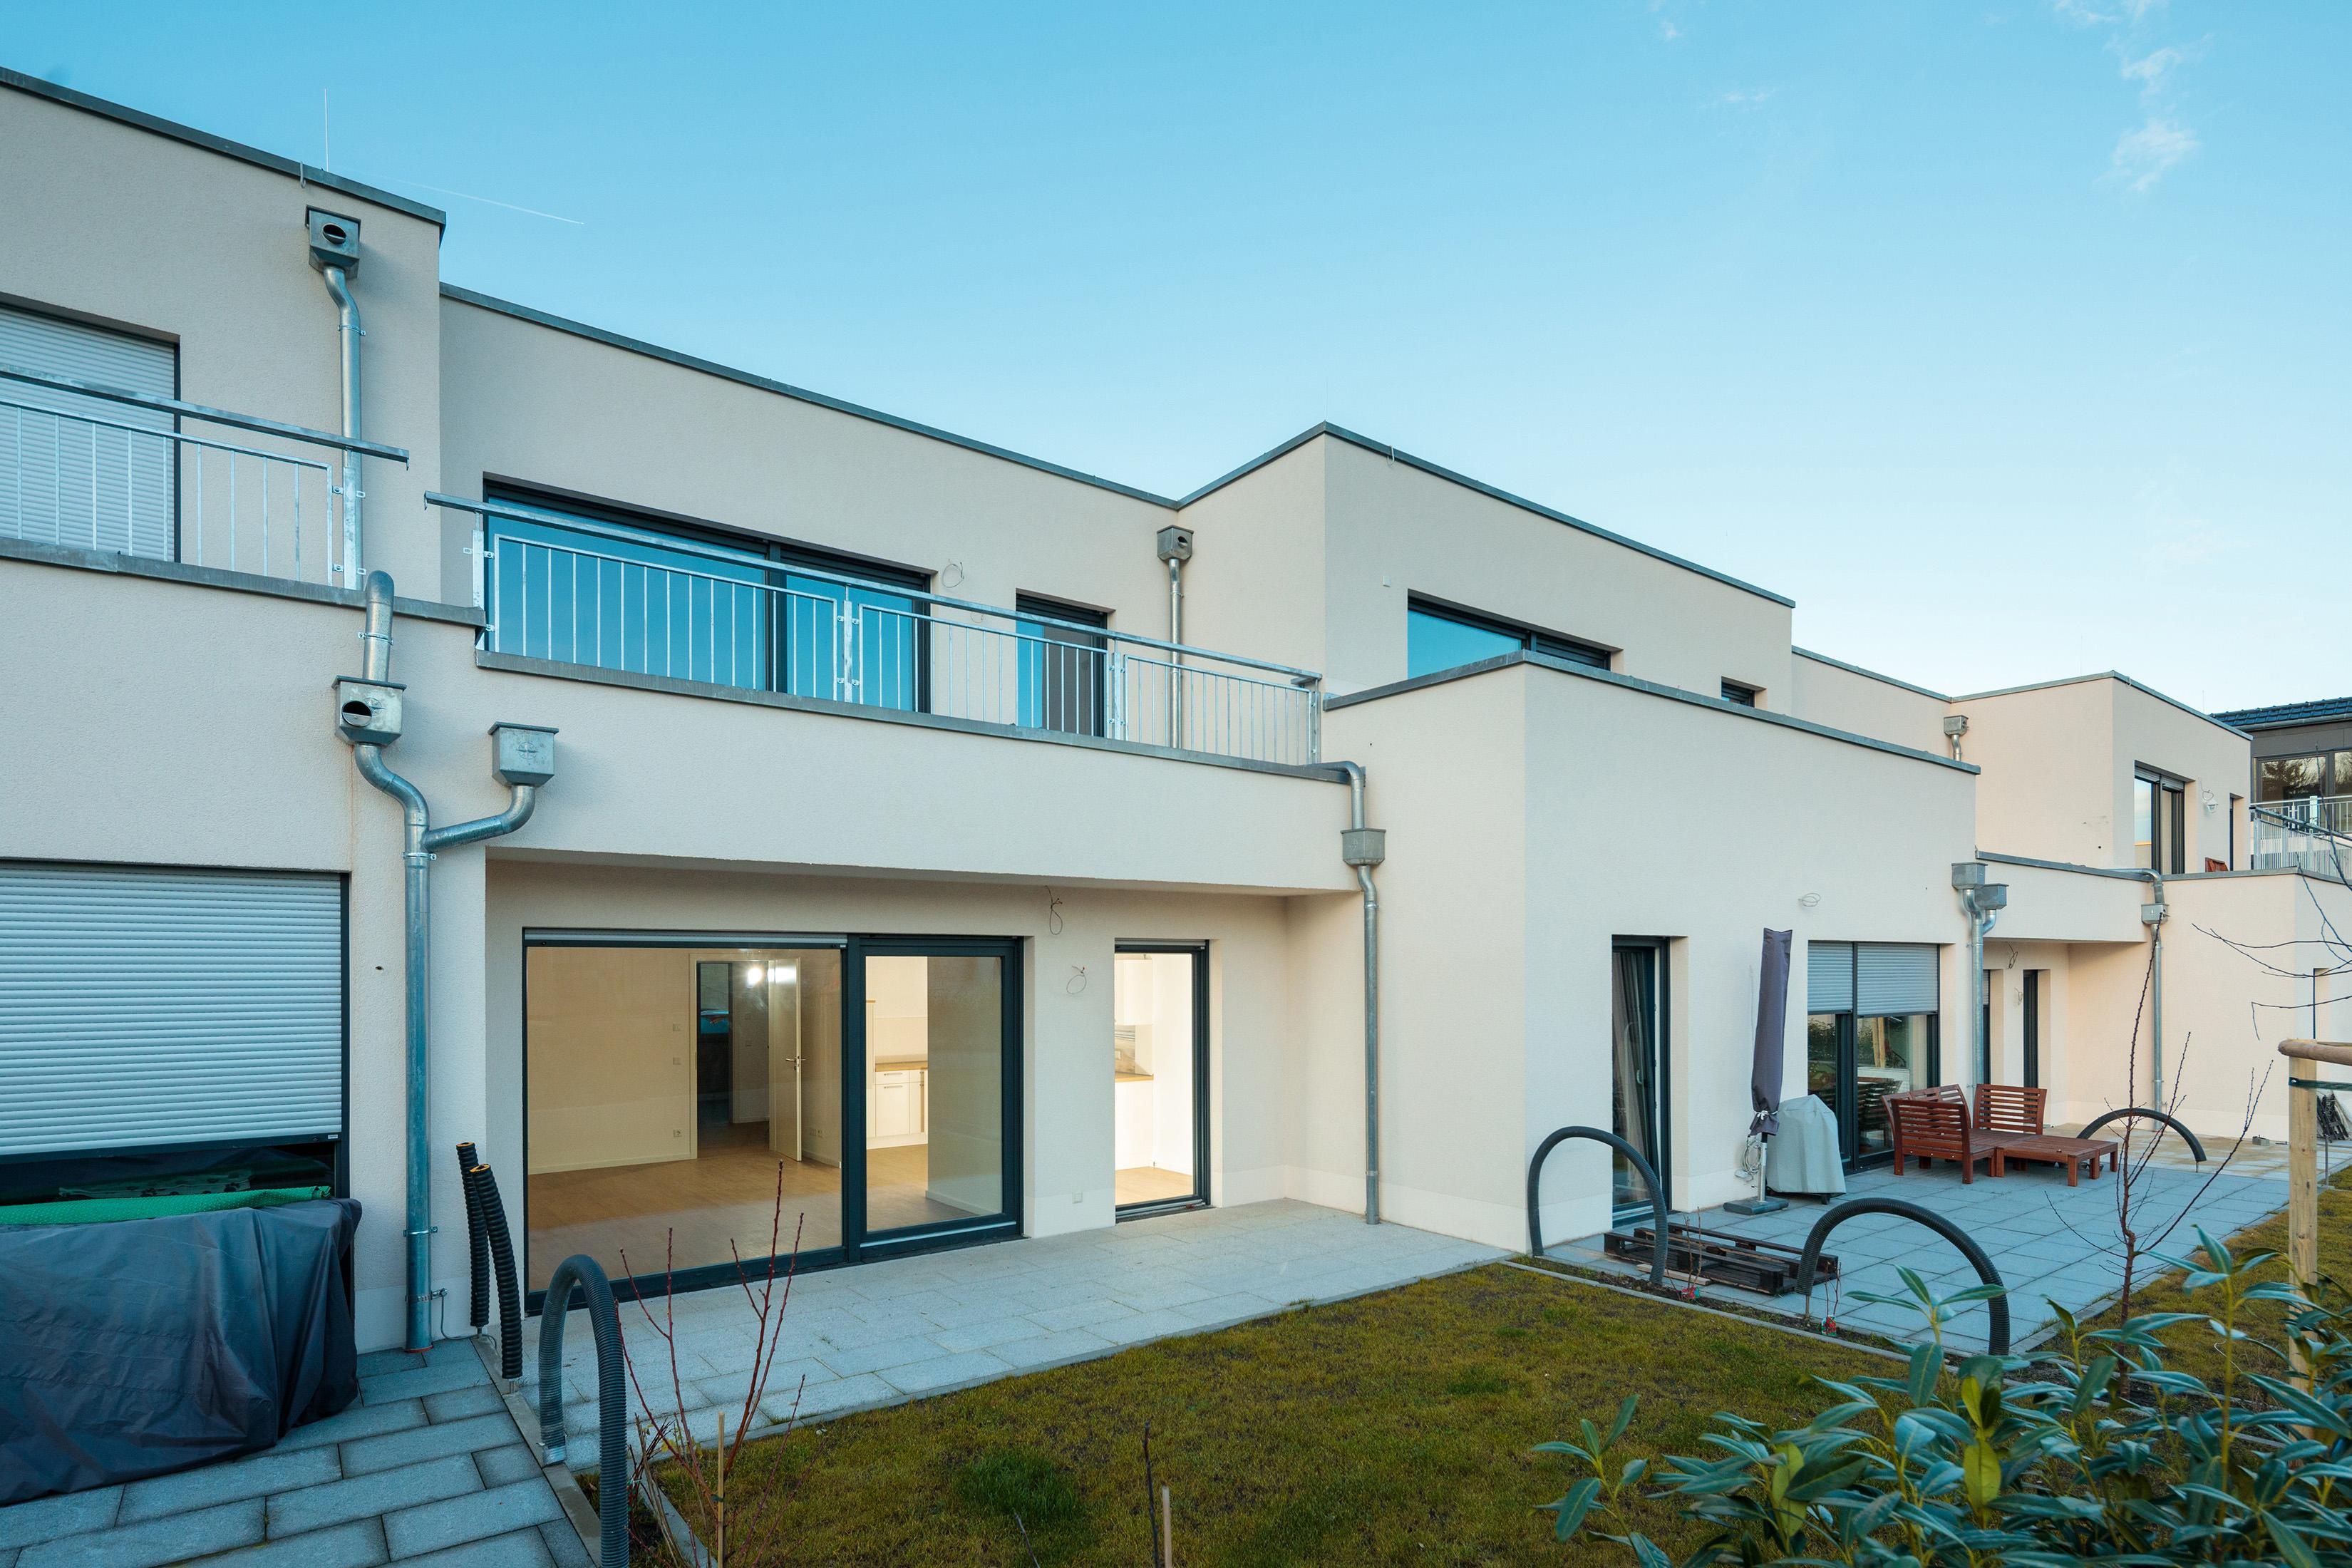 Grosszugige 2 Zimmer Terrassenwohnung Mit Garten In Werder Havel We18 Kirsch Kirsch